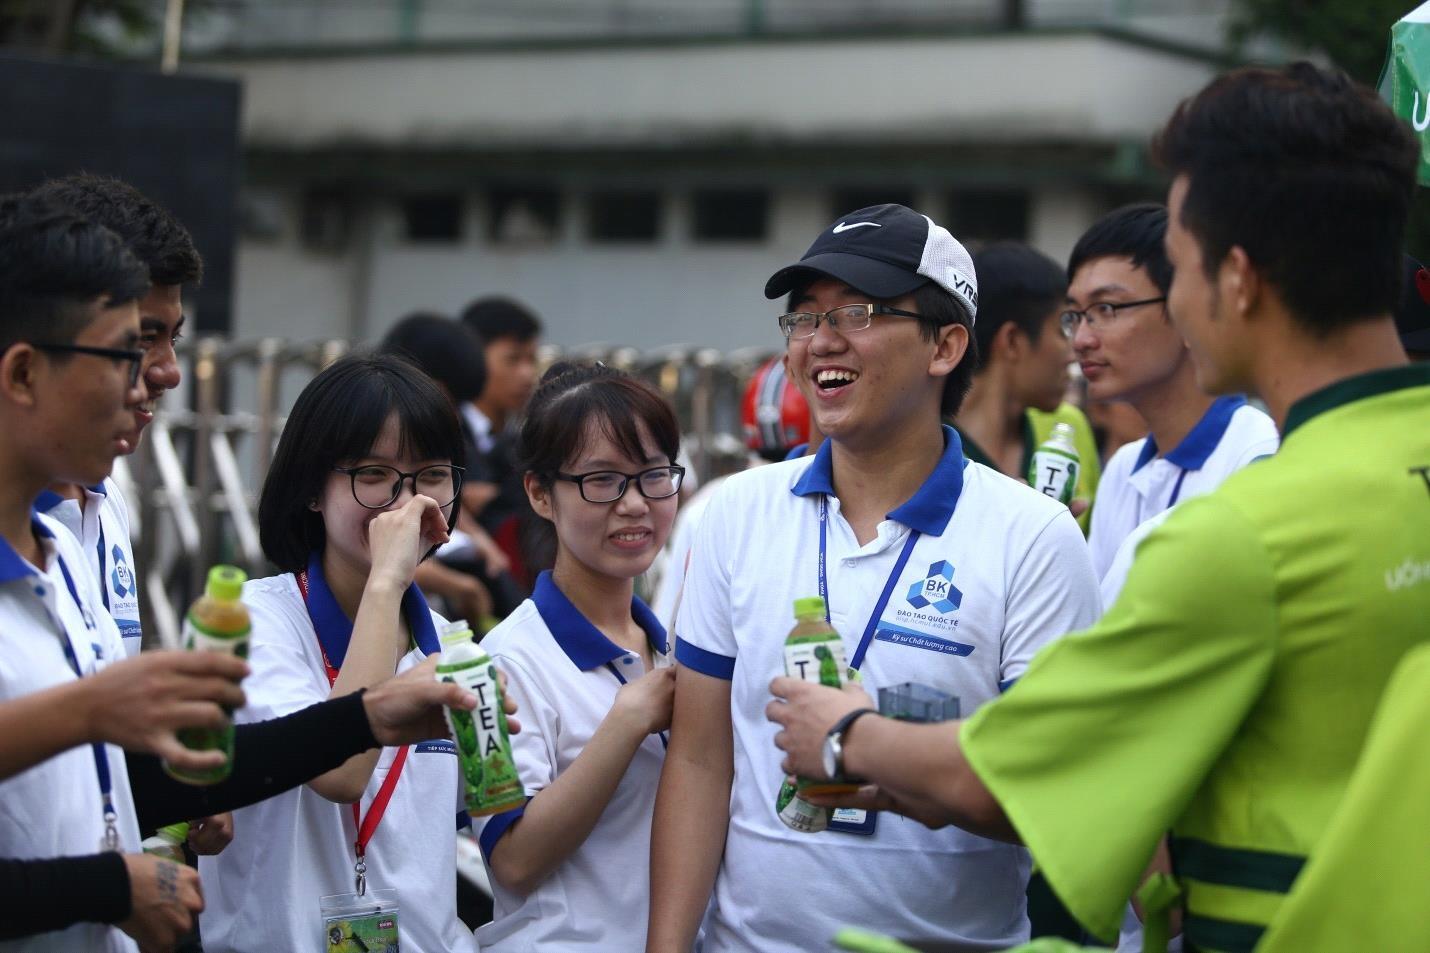 Hoàng Yến Chibi hào hứng tiếp sức mùa thi cùng các sĩ tử - 7